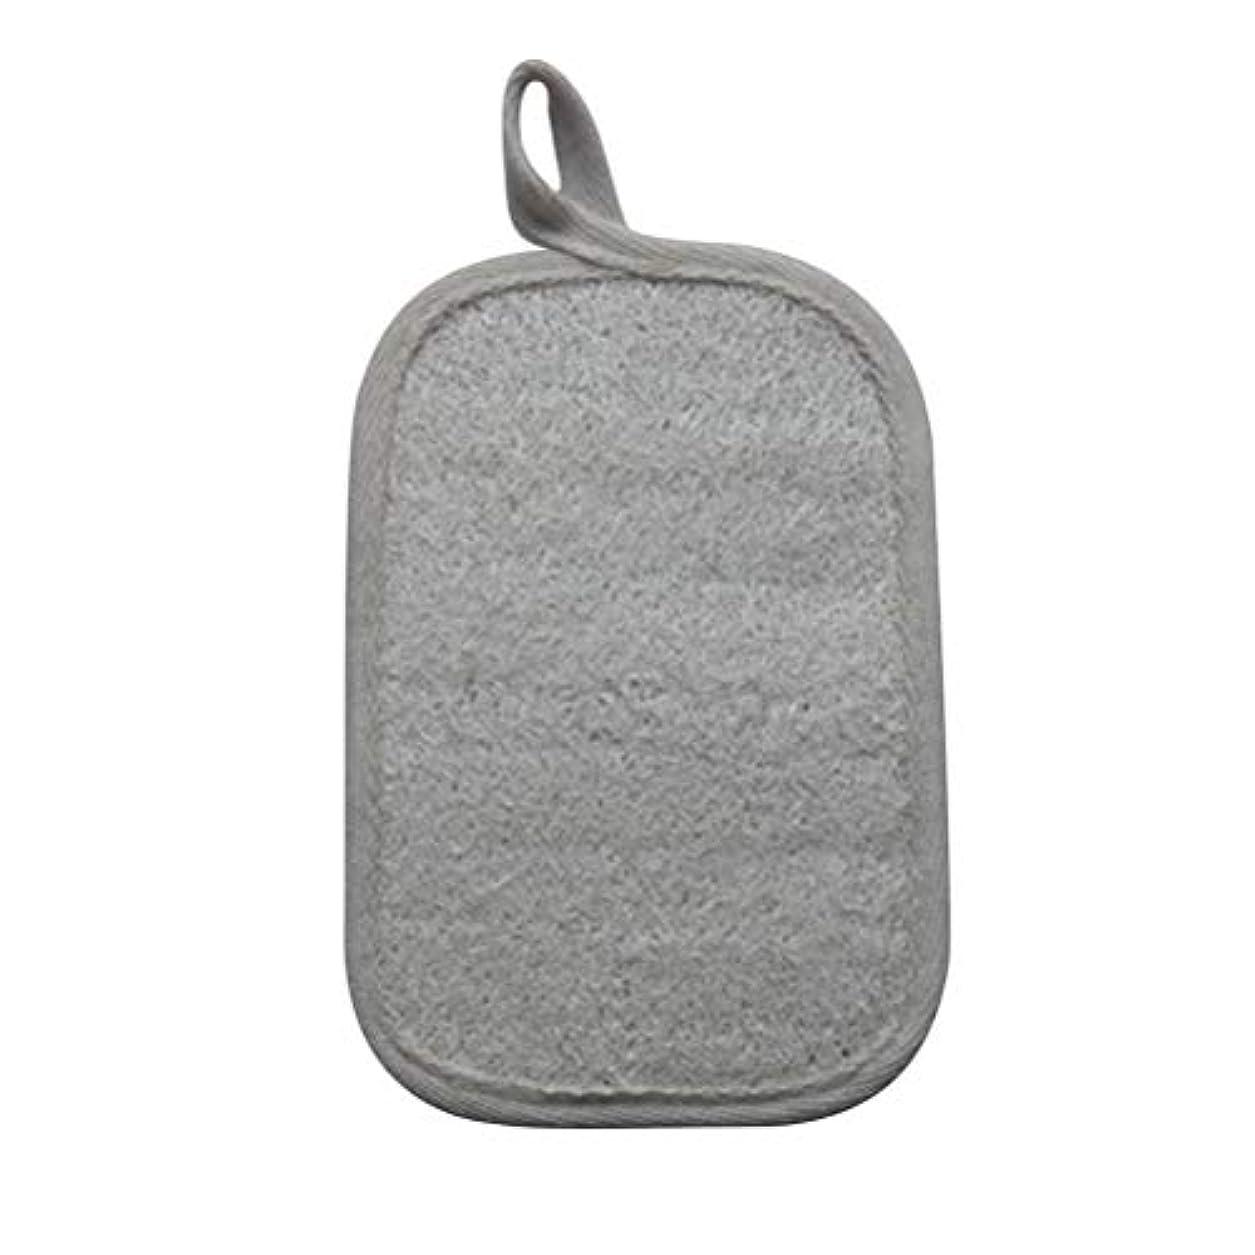 絶えずサイドボード勘違いするHEALIFTY シャワーのための自然なLoofahのスポンジパッドの風呂の剥離Loofahのスポンジのスクラバー